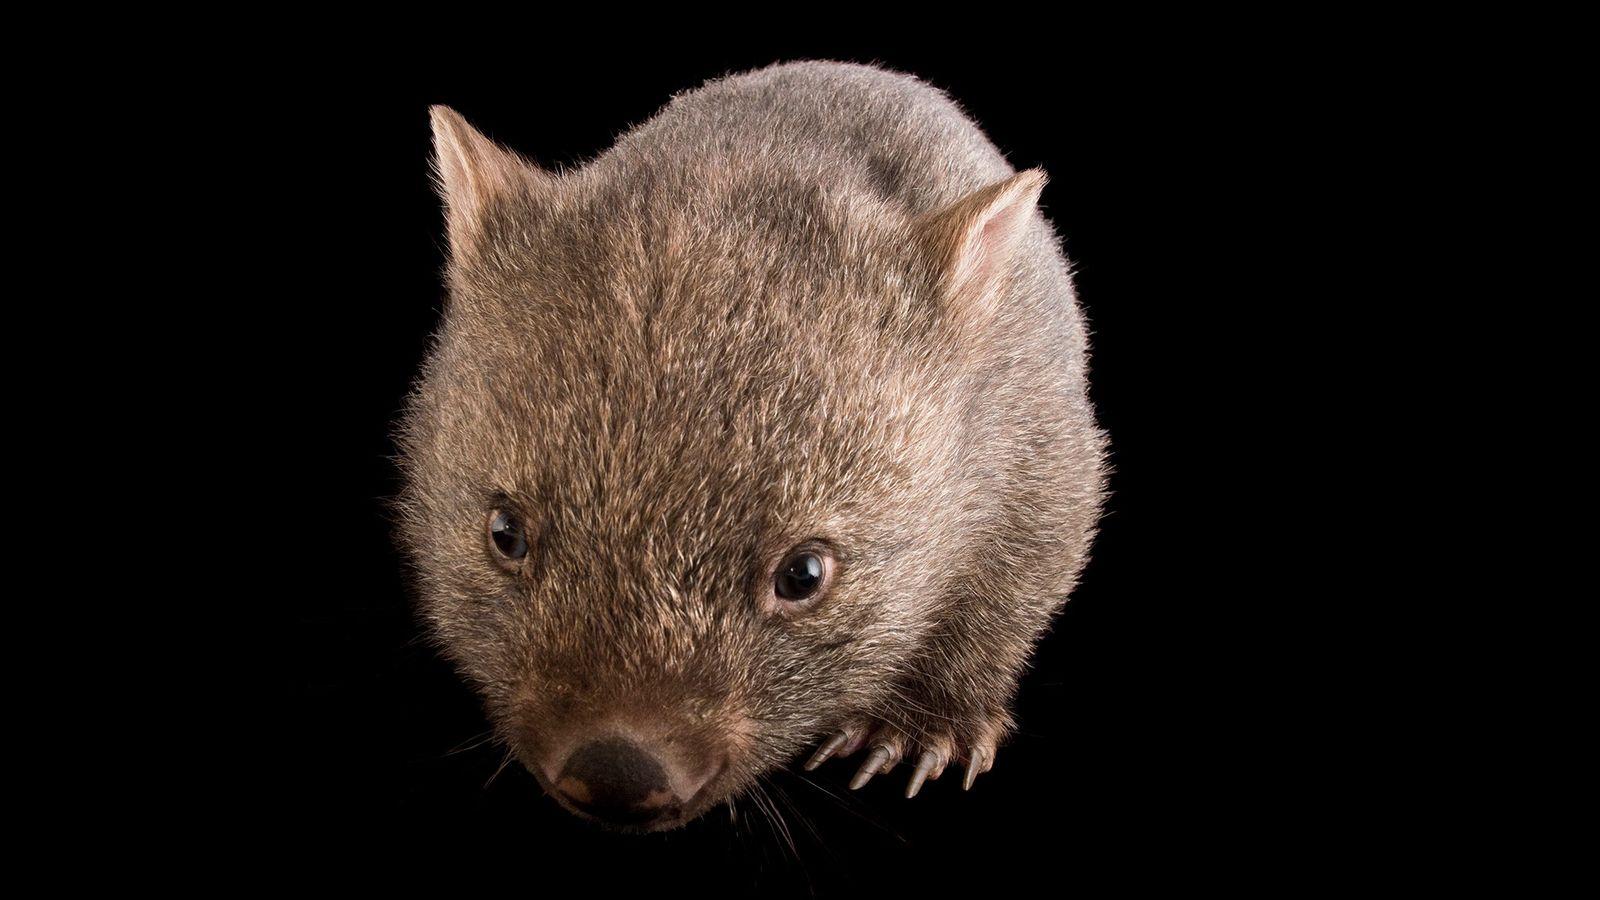 Um vombate jovem e comum (Vombatus ursinus tasmaniensus) no Santuário de Healesville. Esses animais produzem fezes ...